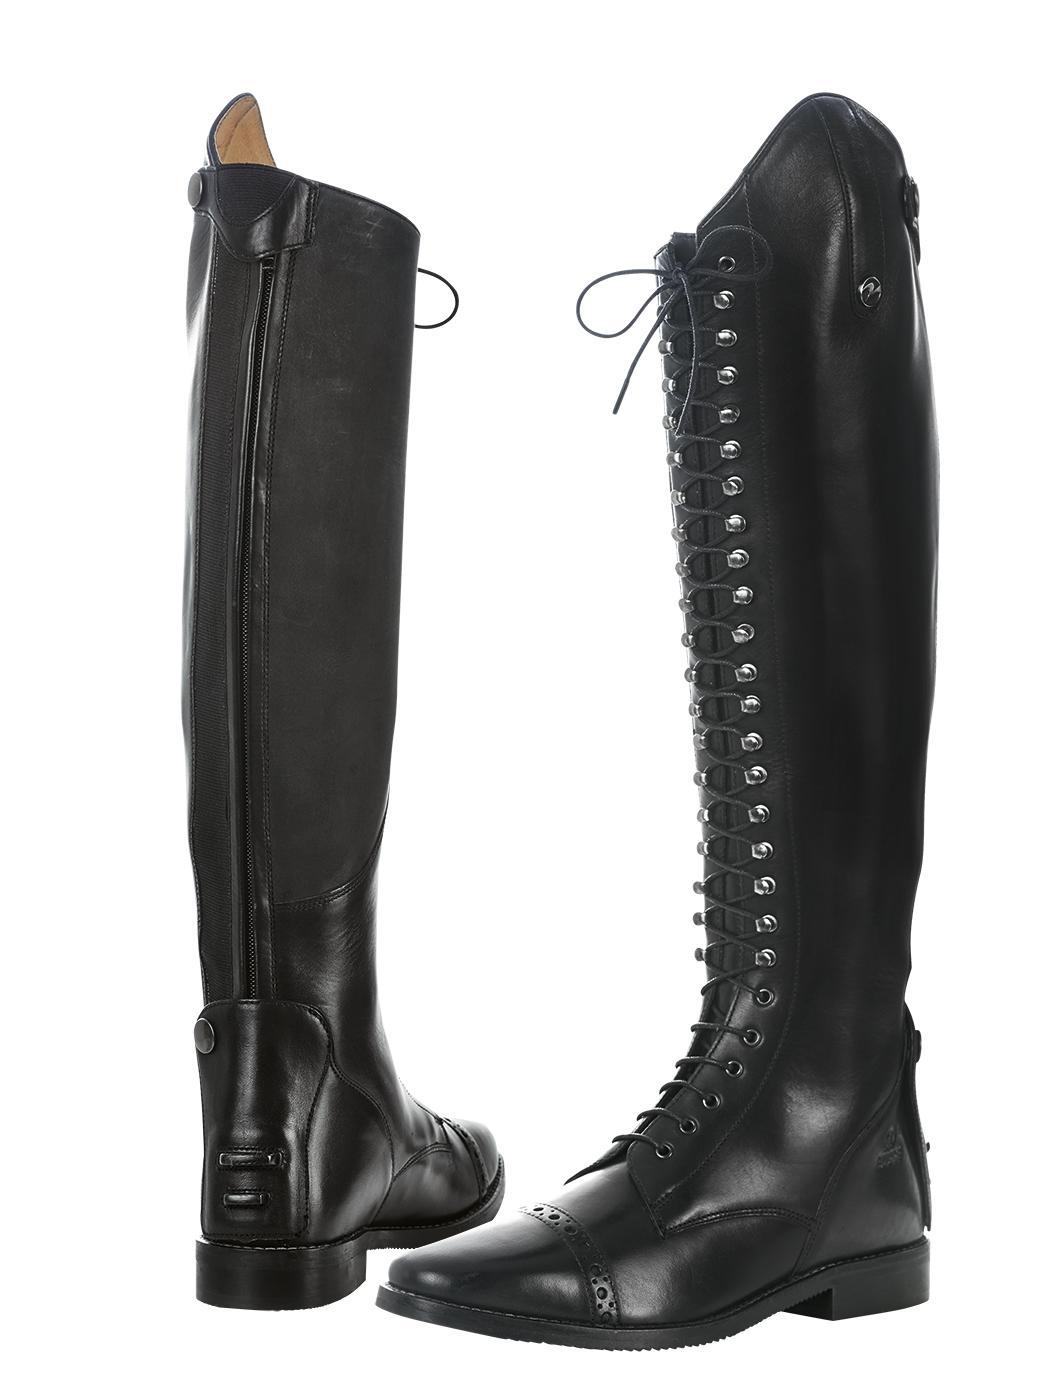 5d4bb9bcc Luxusní vysoké jezdecké boty ALVAL. Nádherně zpracovaná hovězí kůže z  Brazílie. Boty mají vysoké šněrování, podložené koženým jazykem který je  přichycen na ...